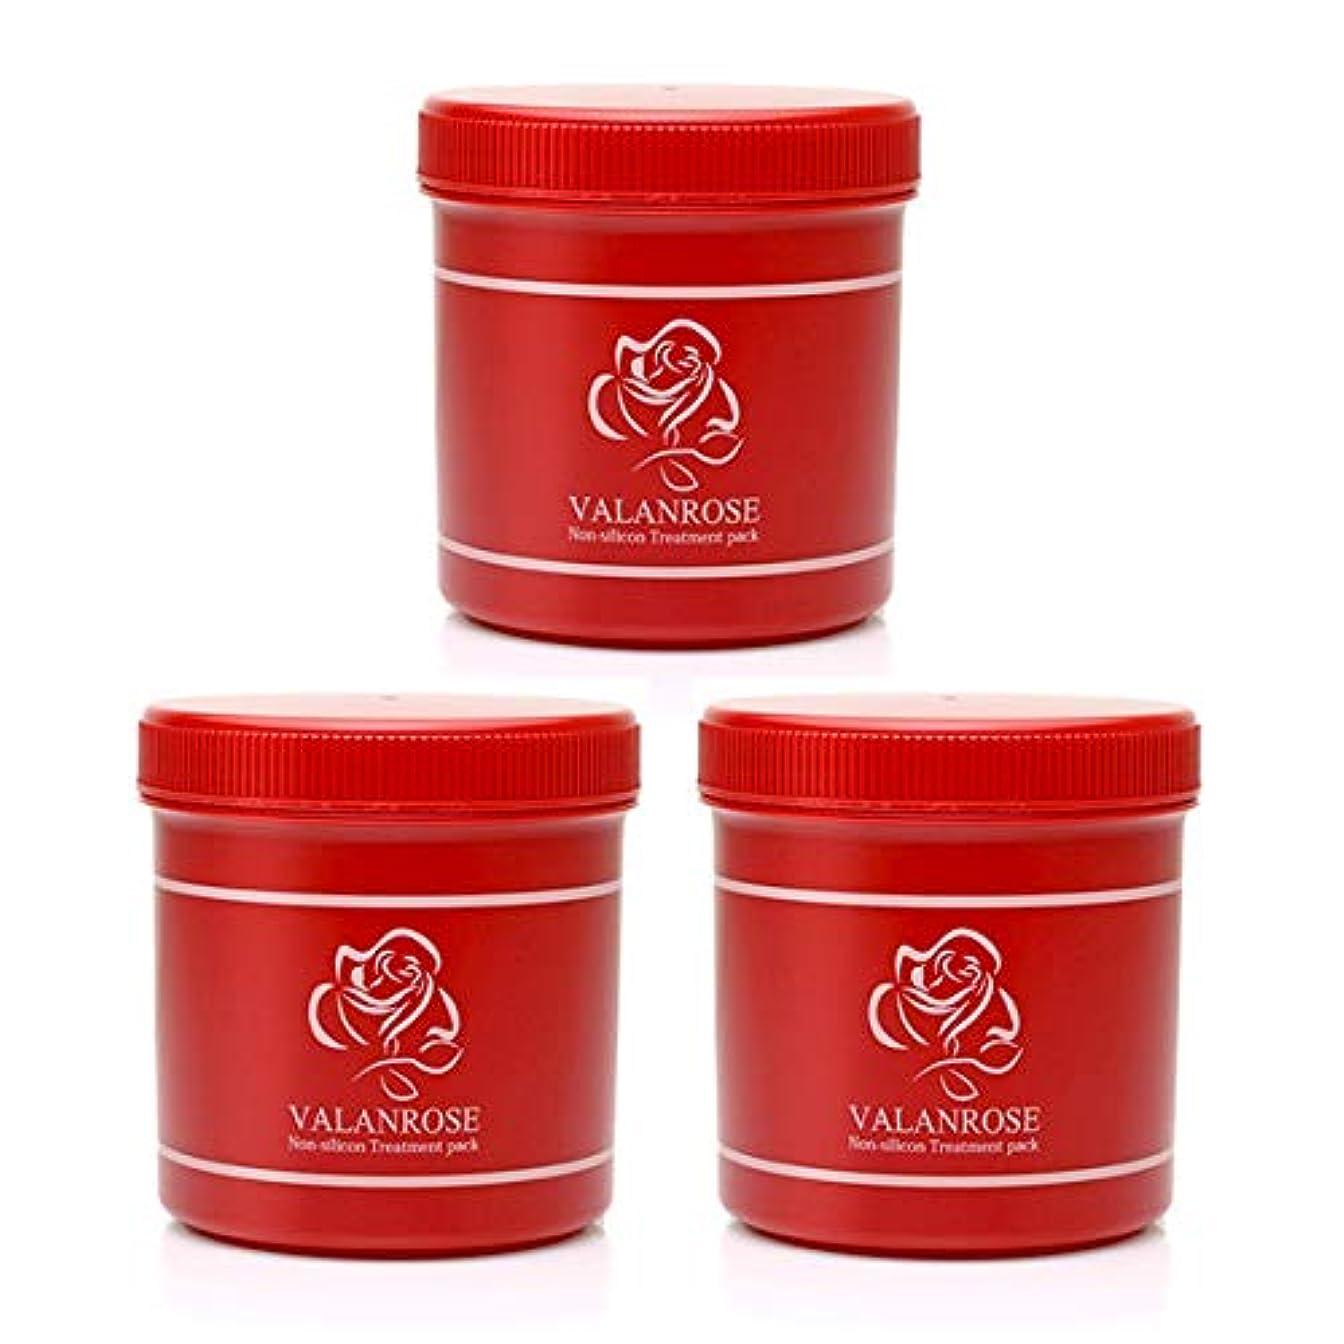 バランローズ ノンシリコントリートメントパック(Non-slicon Treatment pack) 500g 3個セット